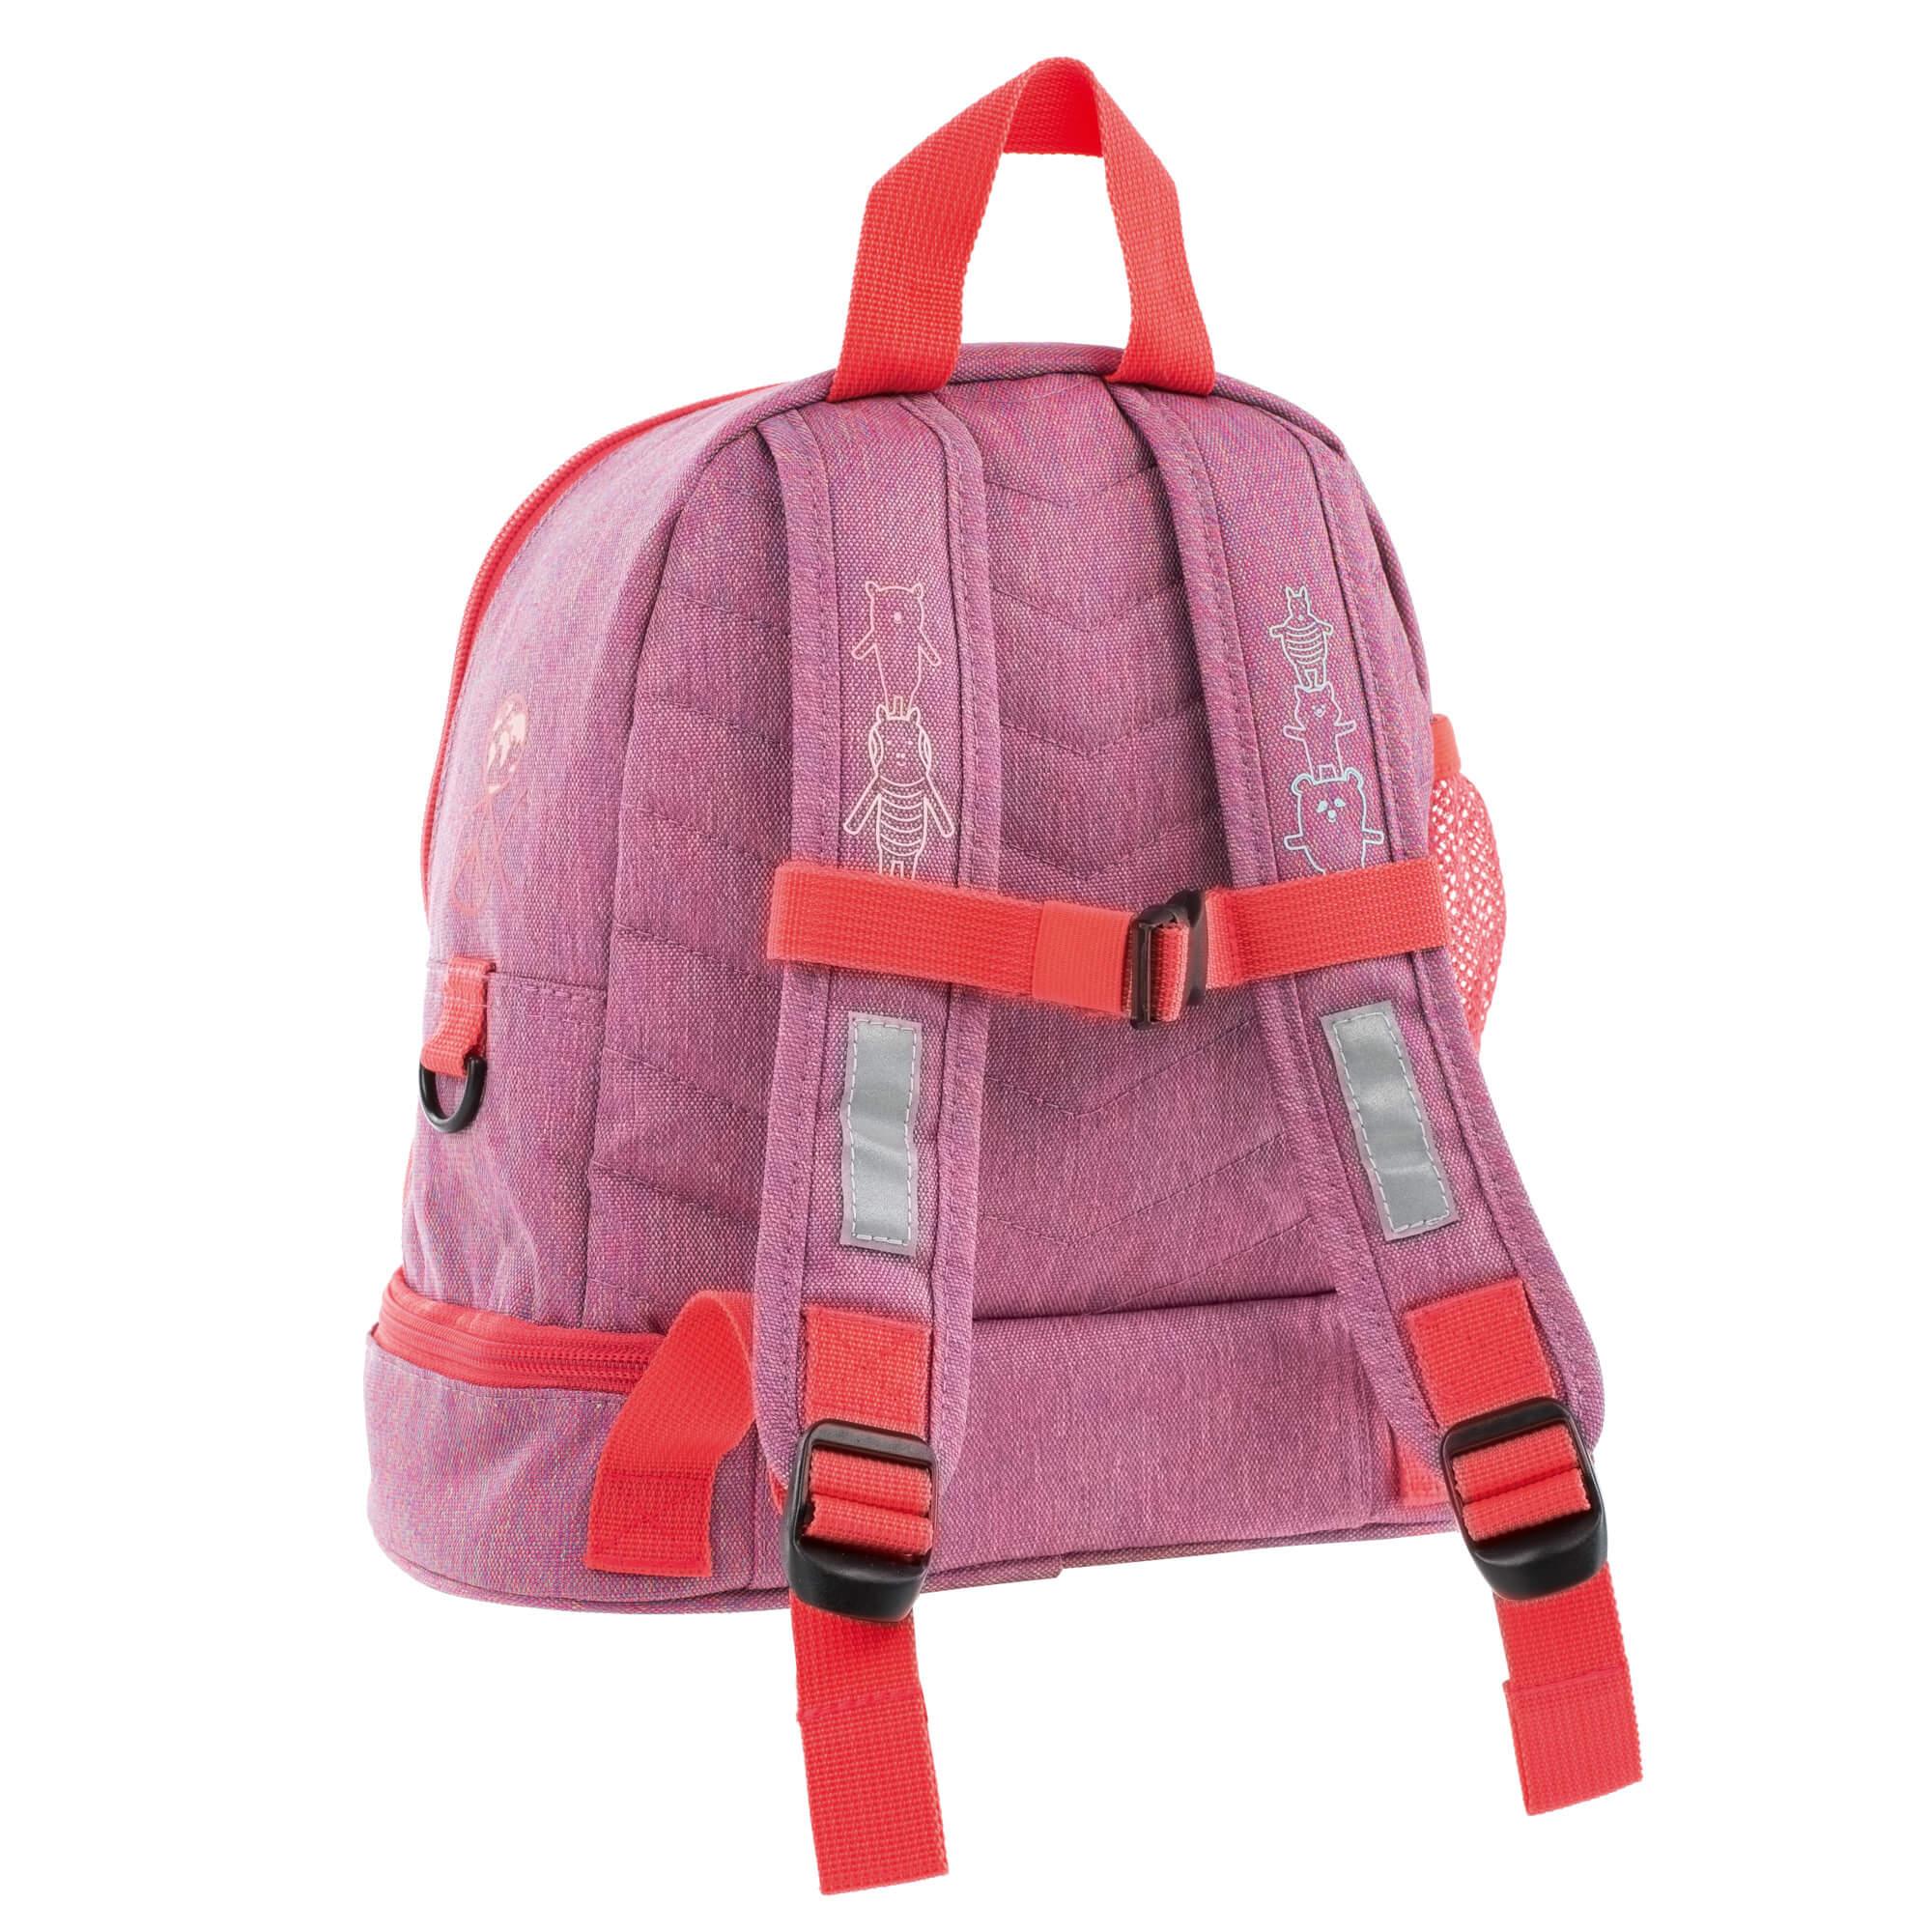 Kindergartenrucksack - About Friends Mélange Pink - Lässig